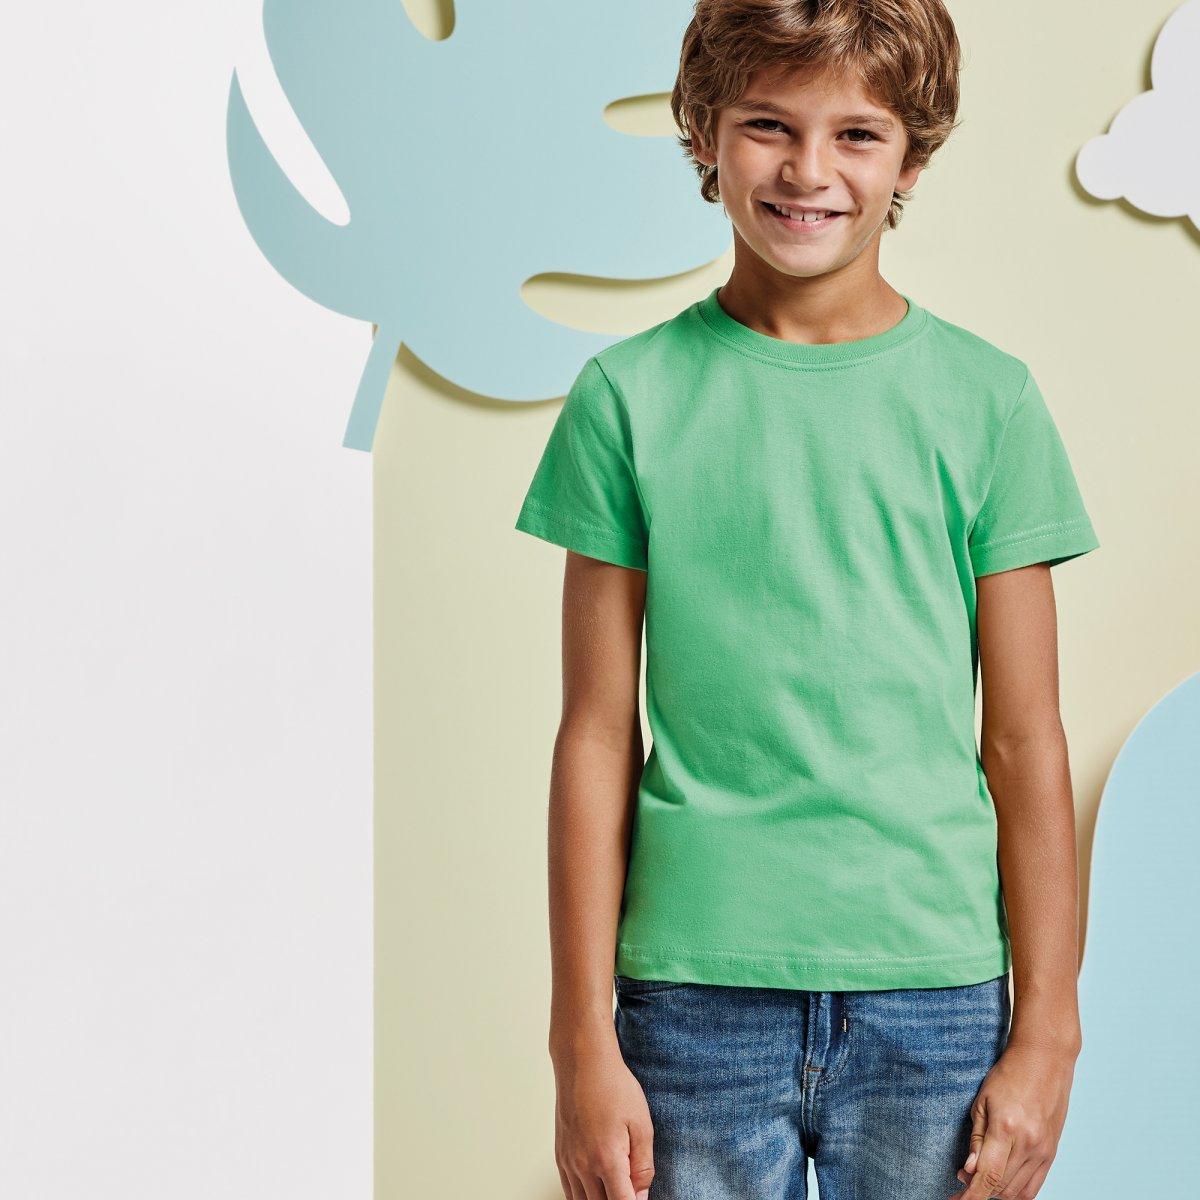 EXTREME Langermet t skjorte for barn BARNEARTIKLER SublimA